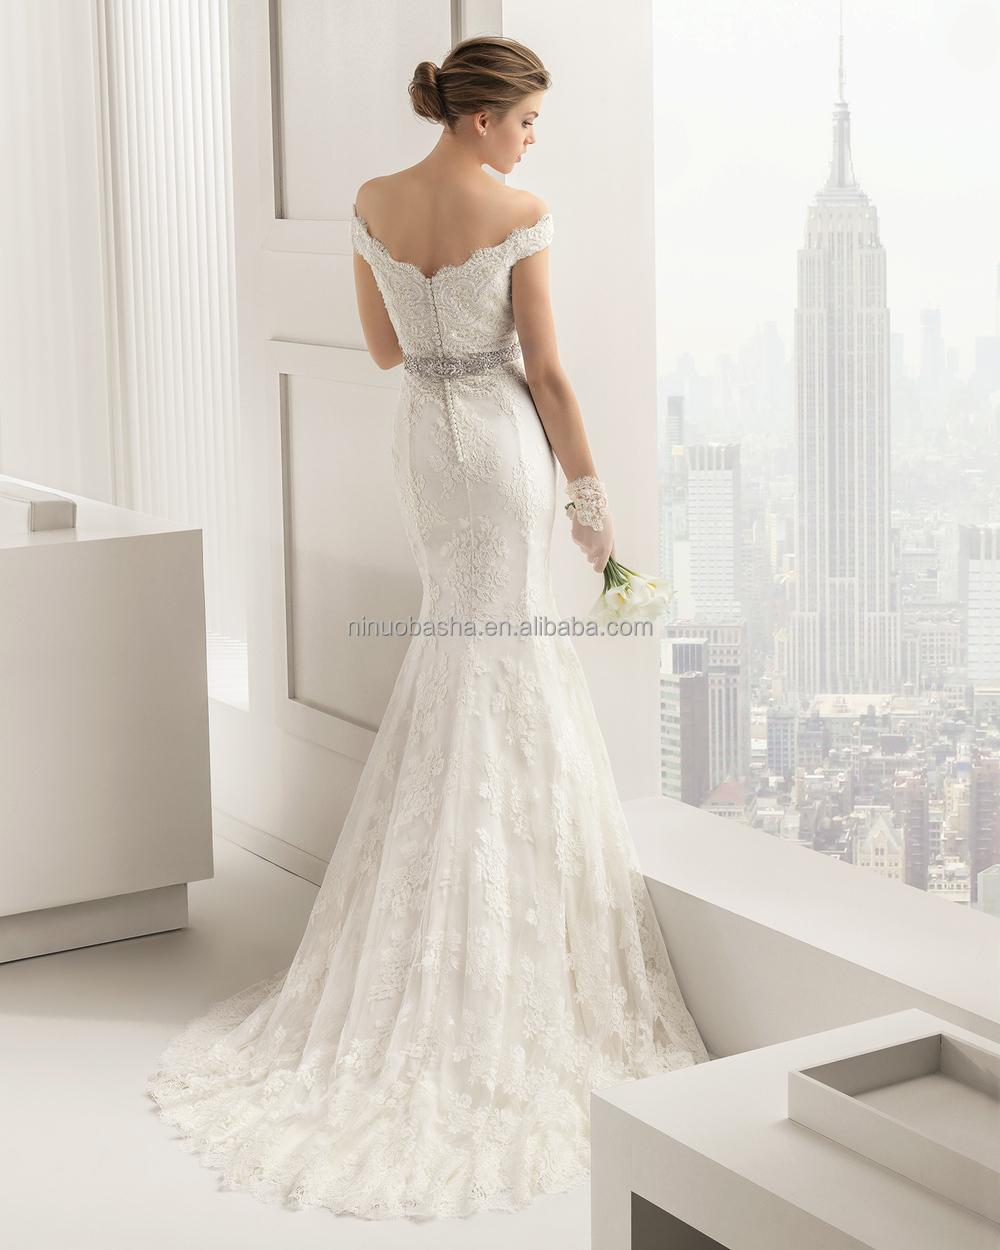 Stylish 2015 Lace Mermaid Wedding Dress V Neck Off Shoulder Cap Sleeve Beaded Sash